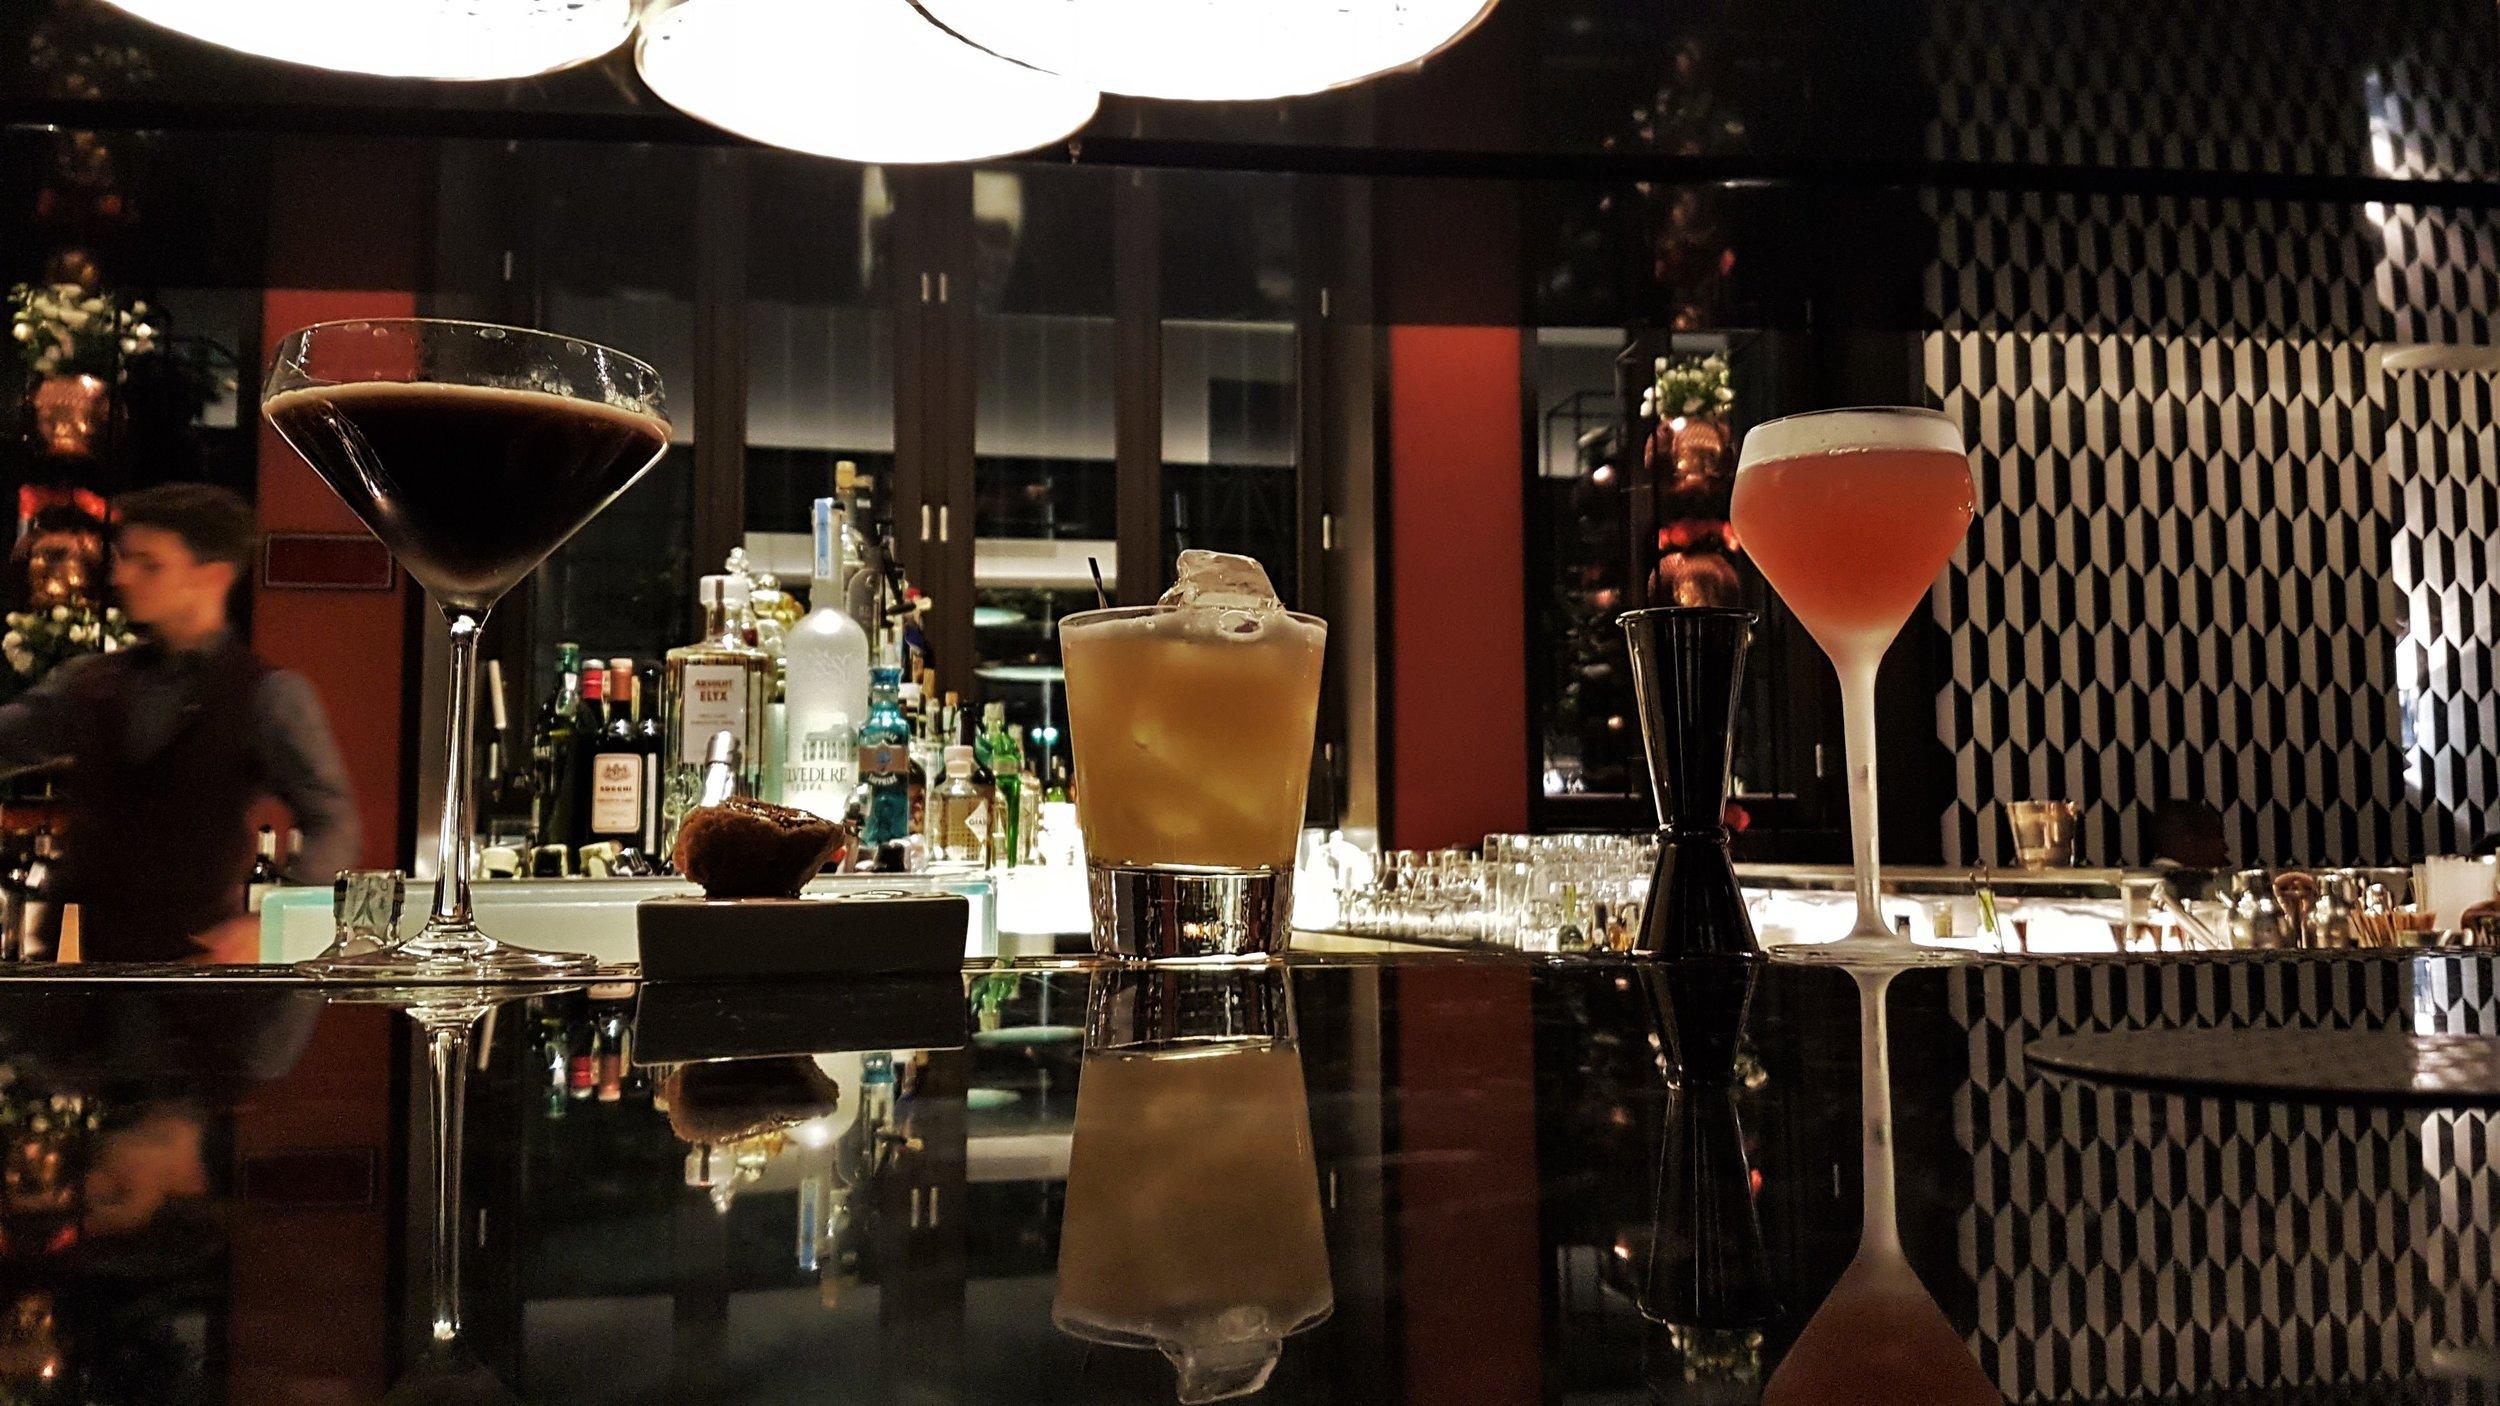 The gorgeous bar counter at Mandarin